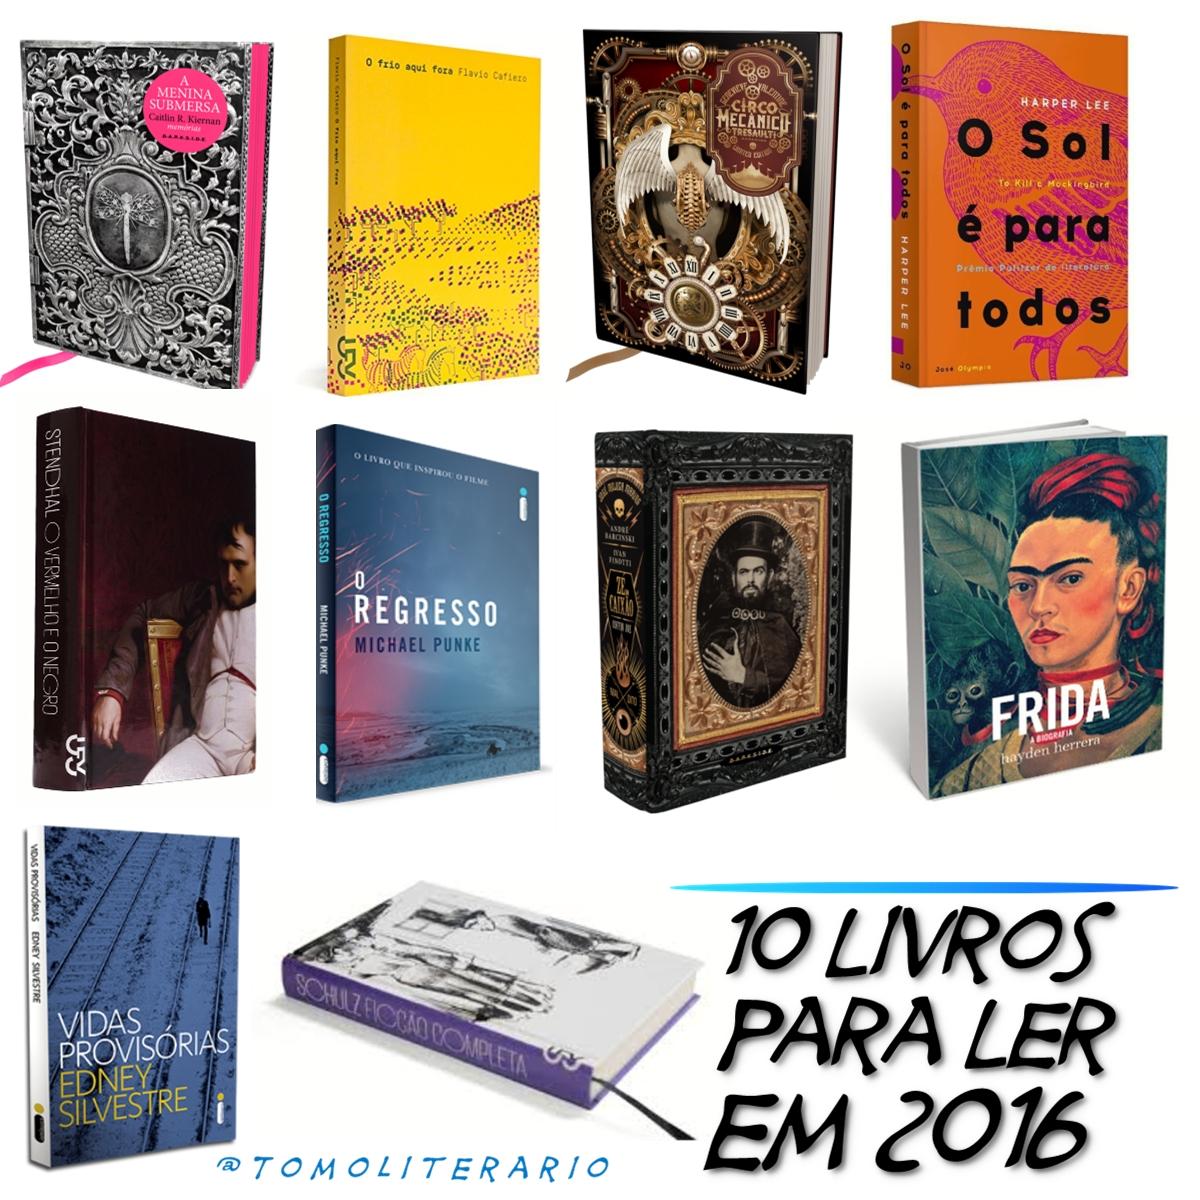 Livros2016.jpg